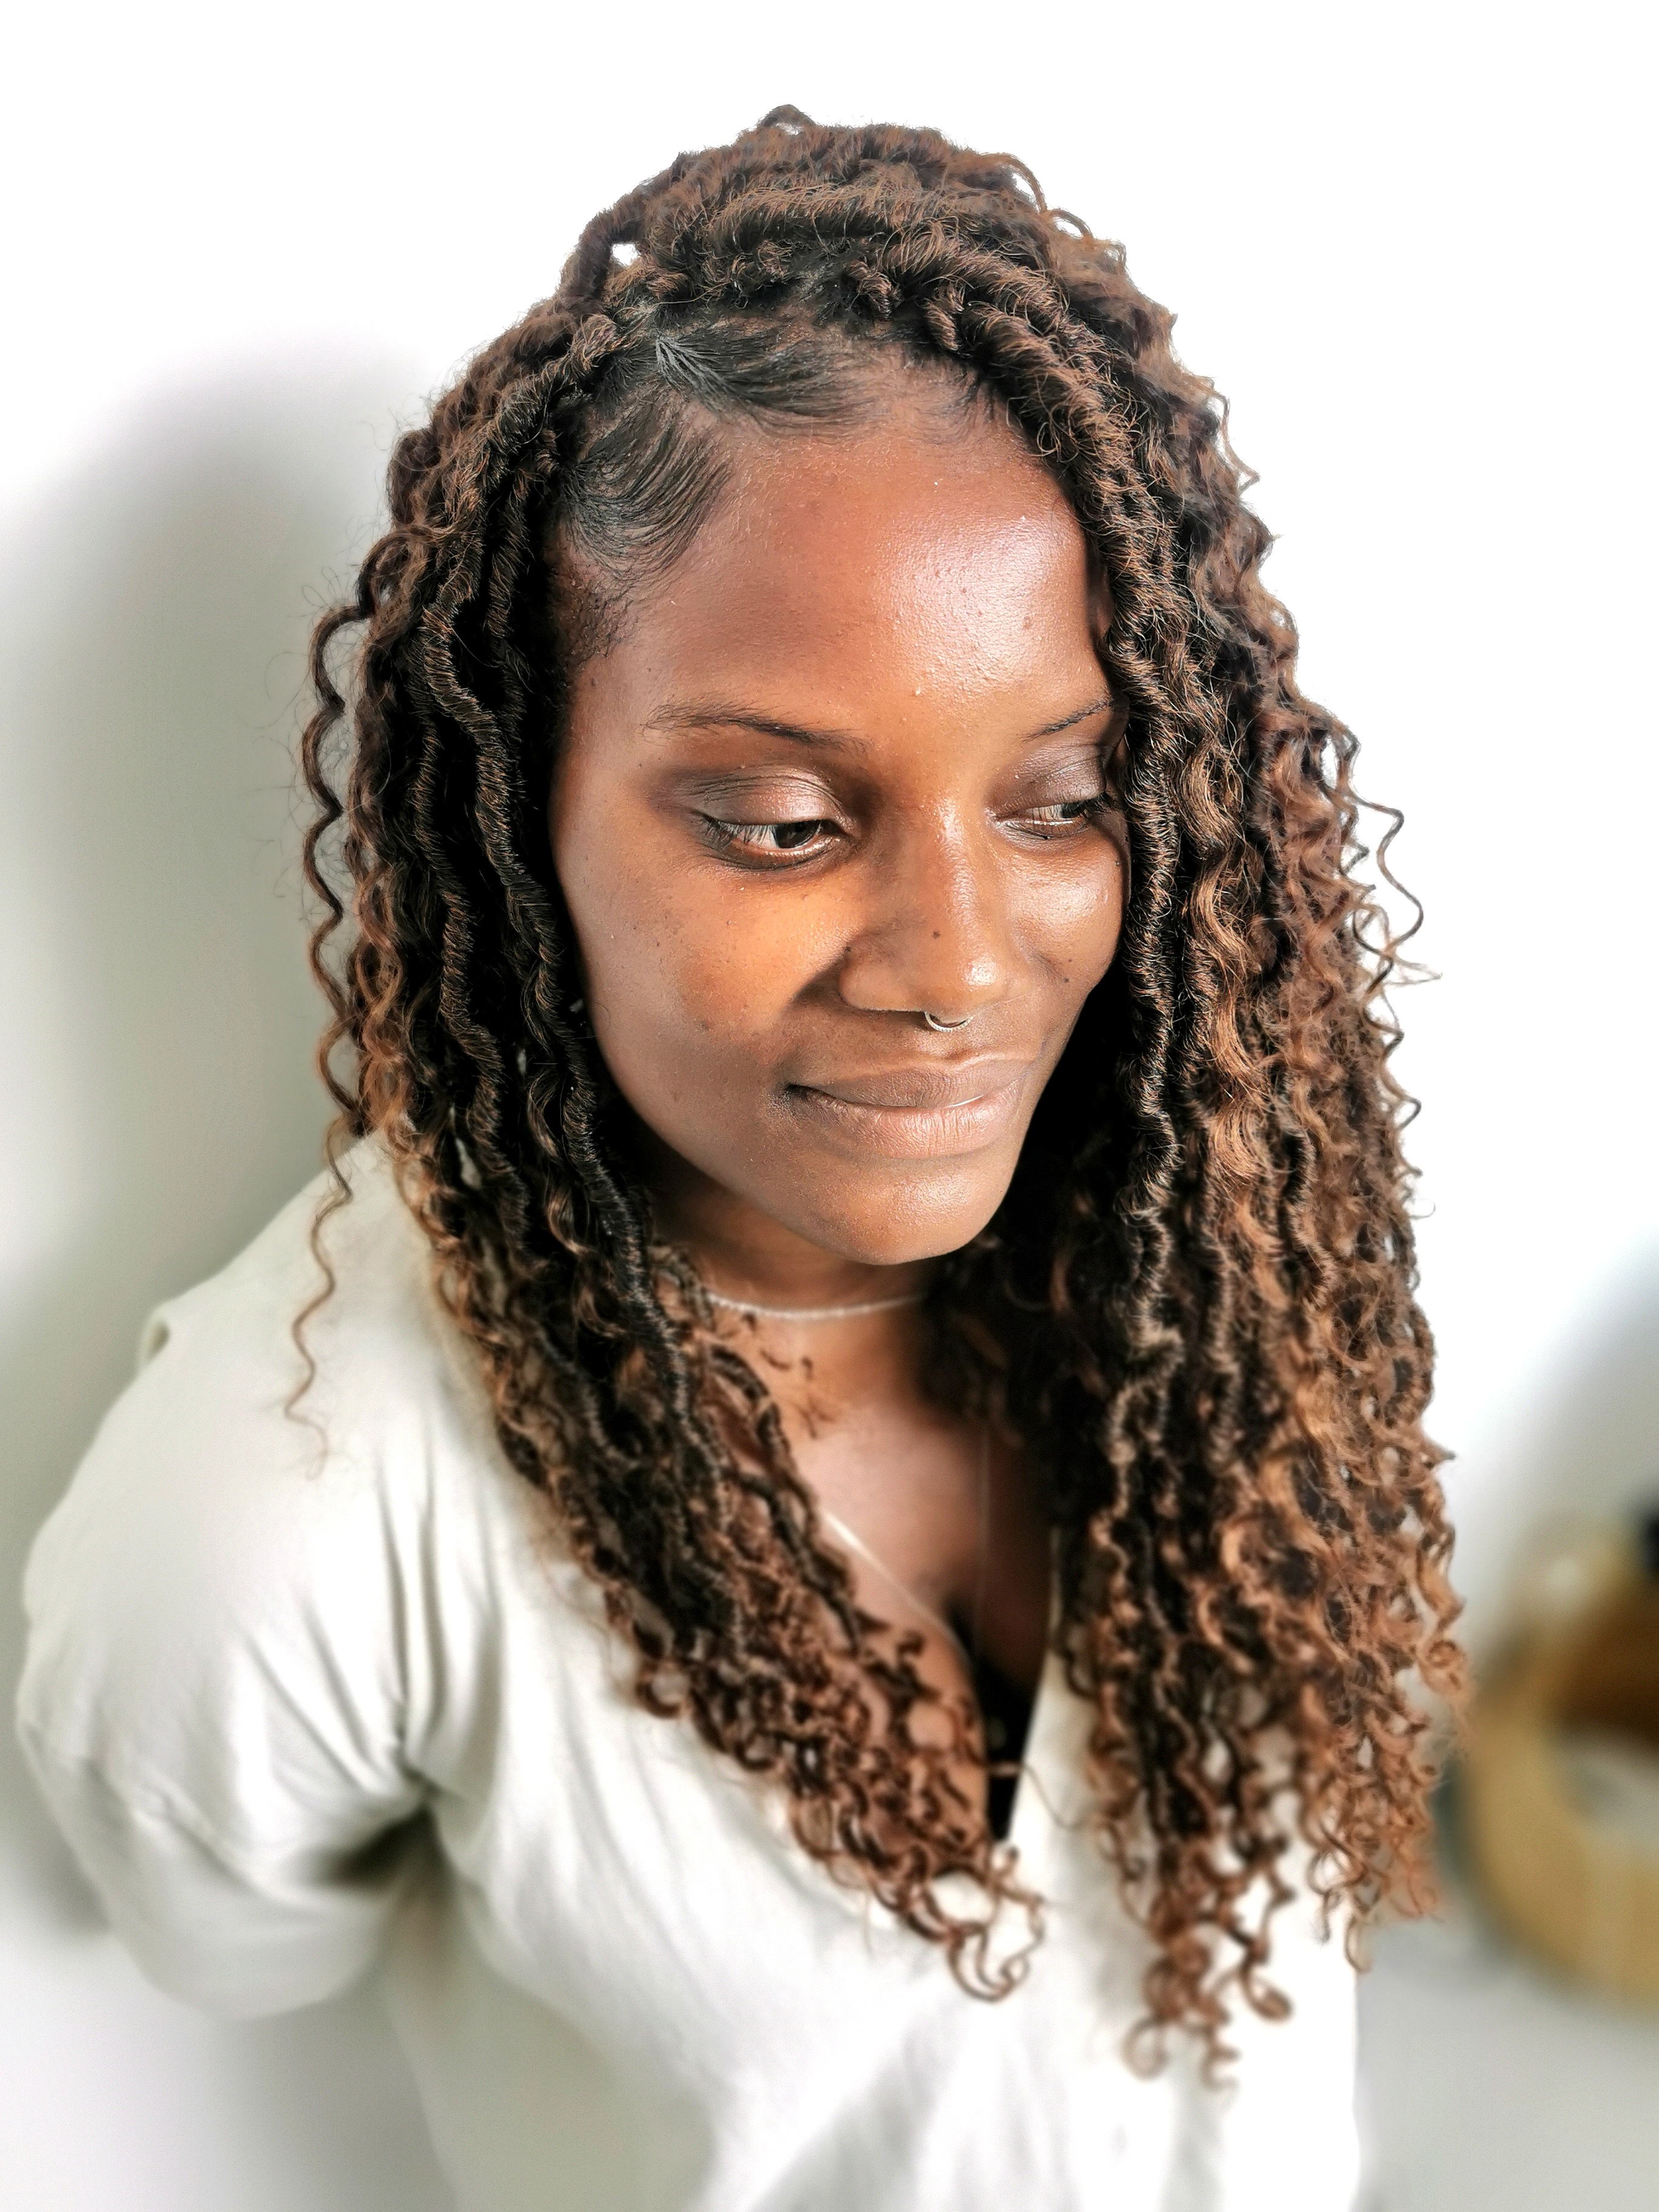 salon de coiffure afro tresse tresses box braids crochet braids vanilles tissages paris 75 77 78 91 92 93 94 95 QCZMWGQT